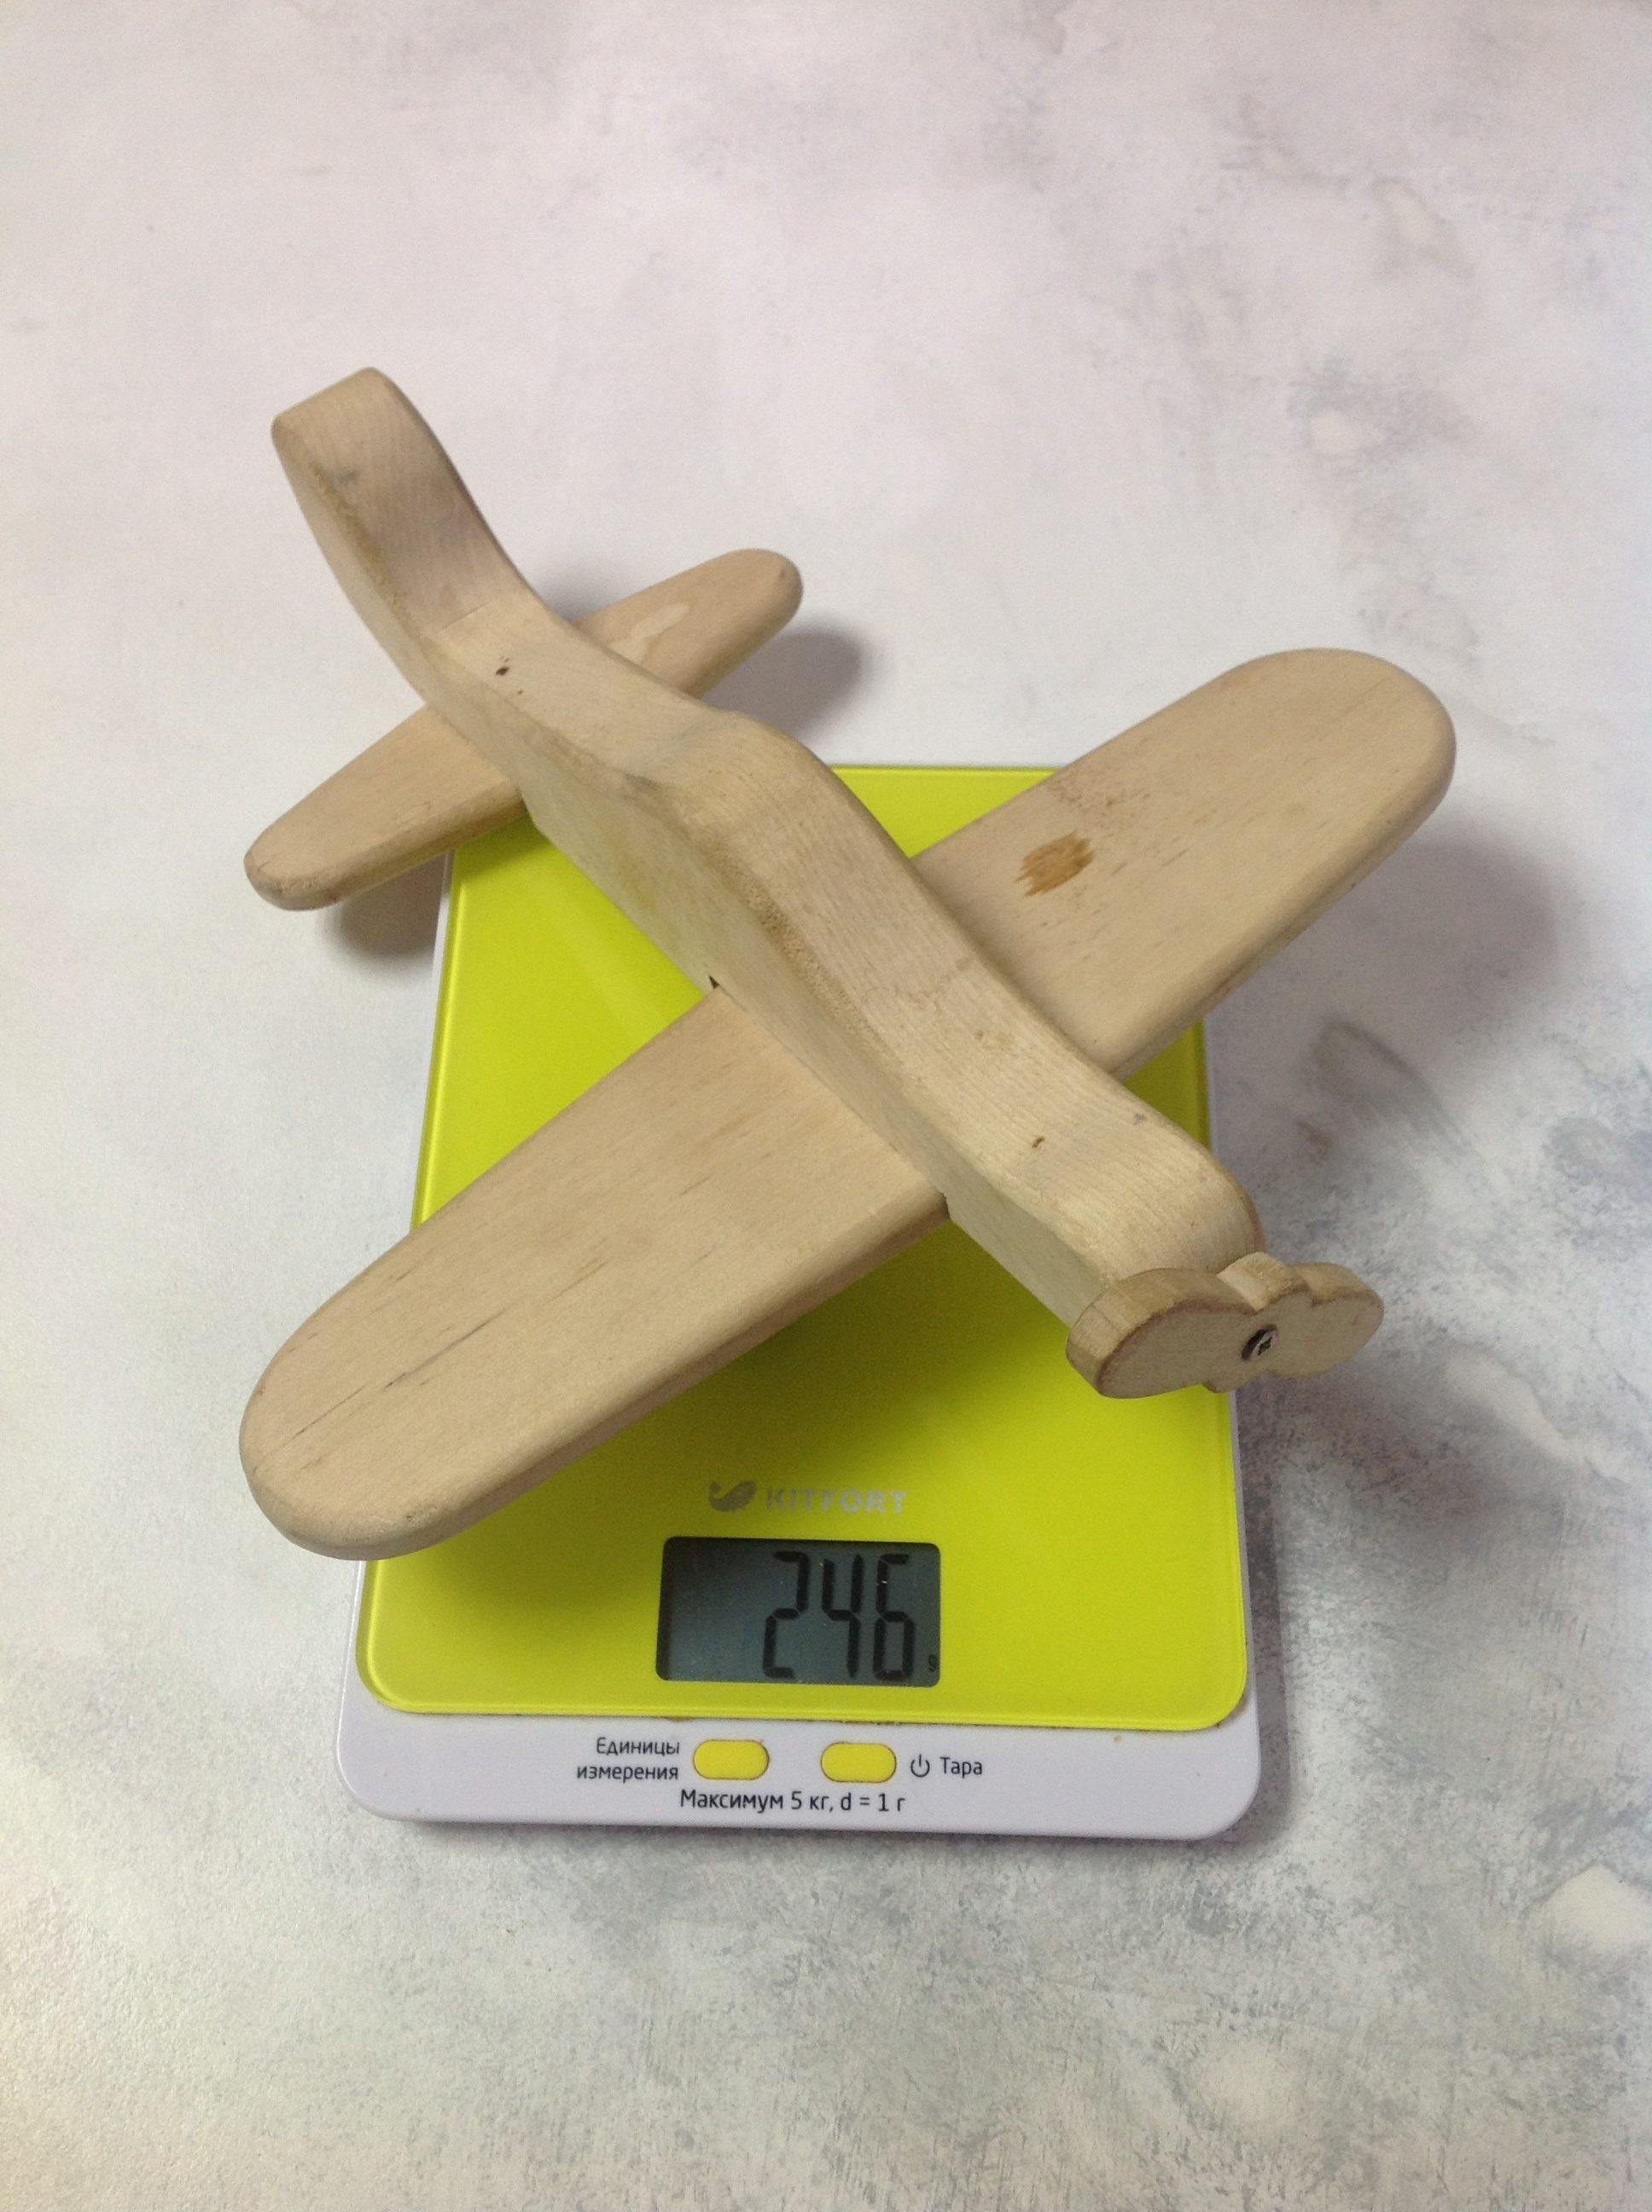 вес самолета игрушечного деревянного